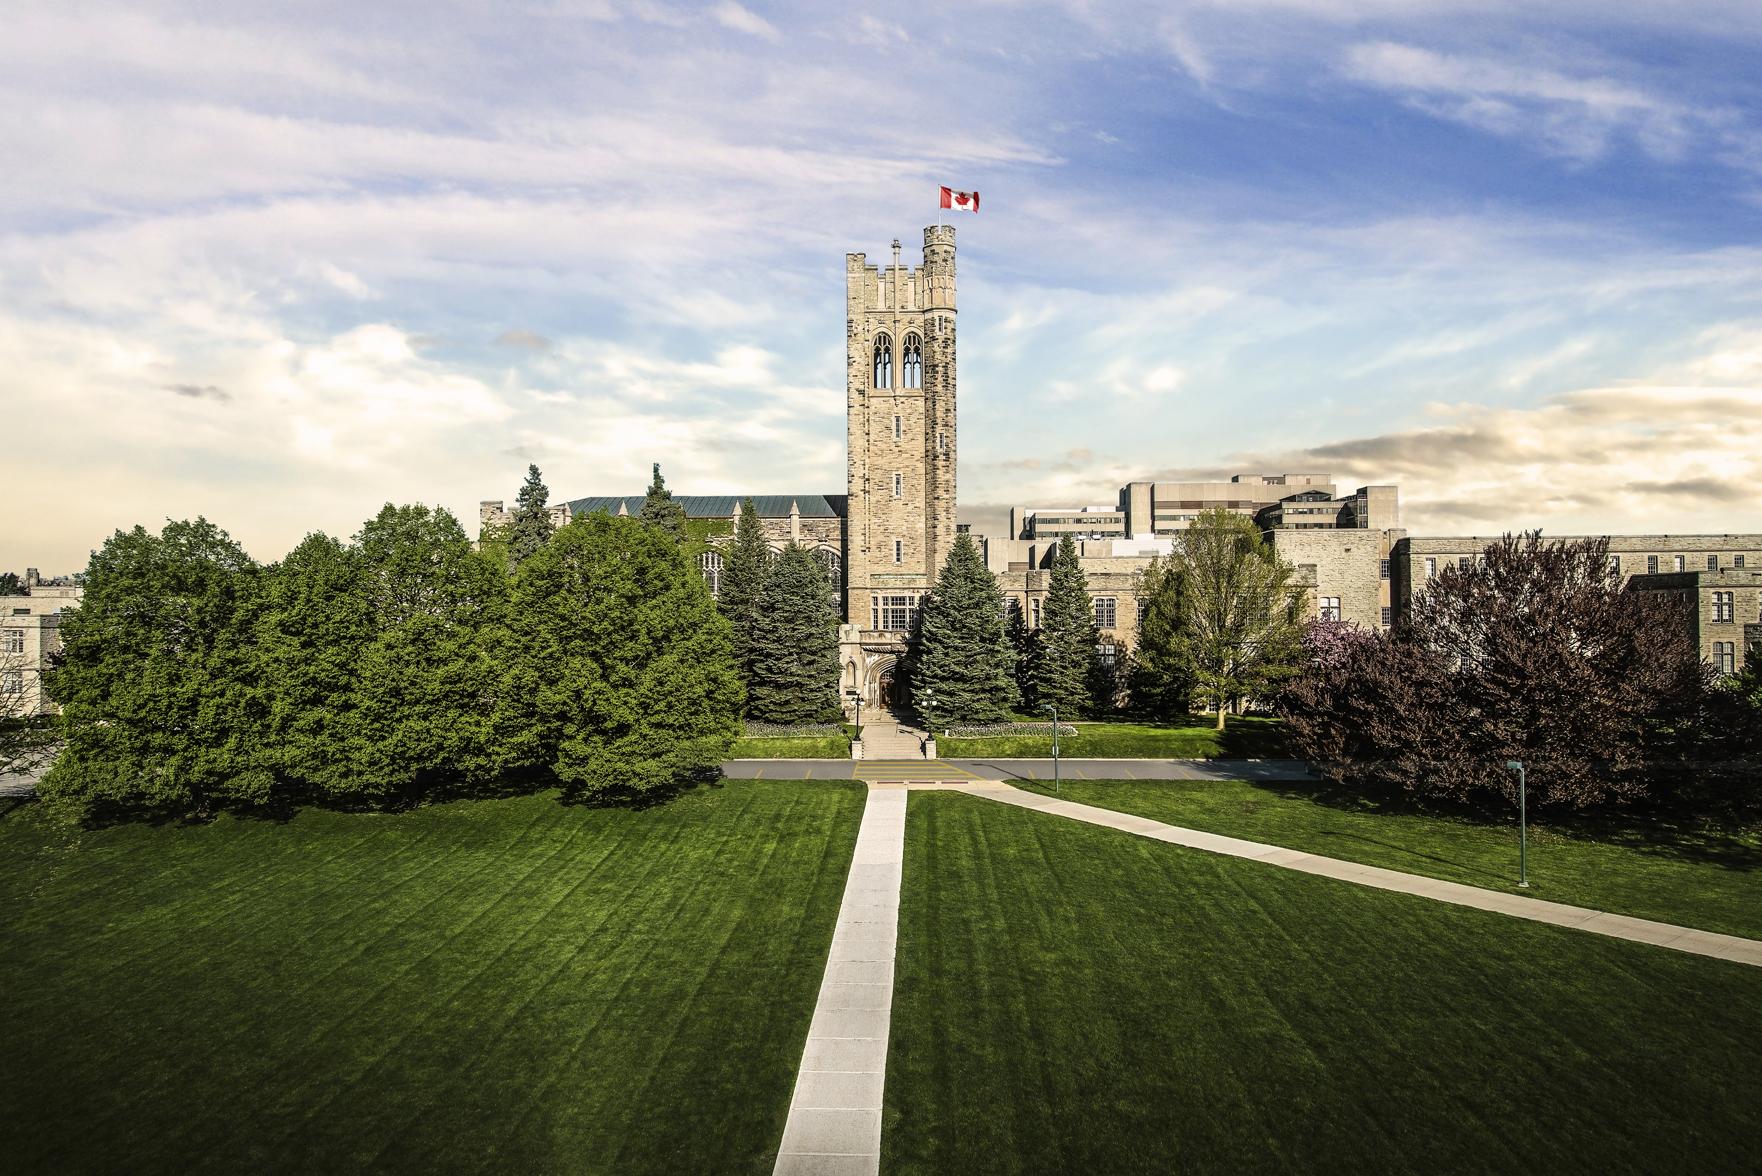 Trường là một trong những trường đại học lâu đời nhất ở Canada.